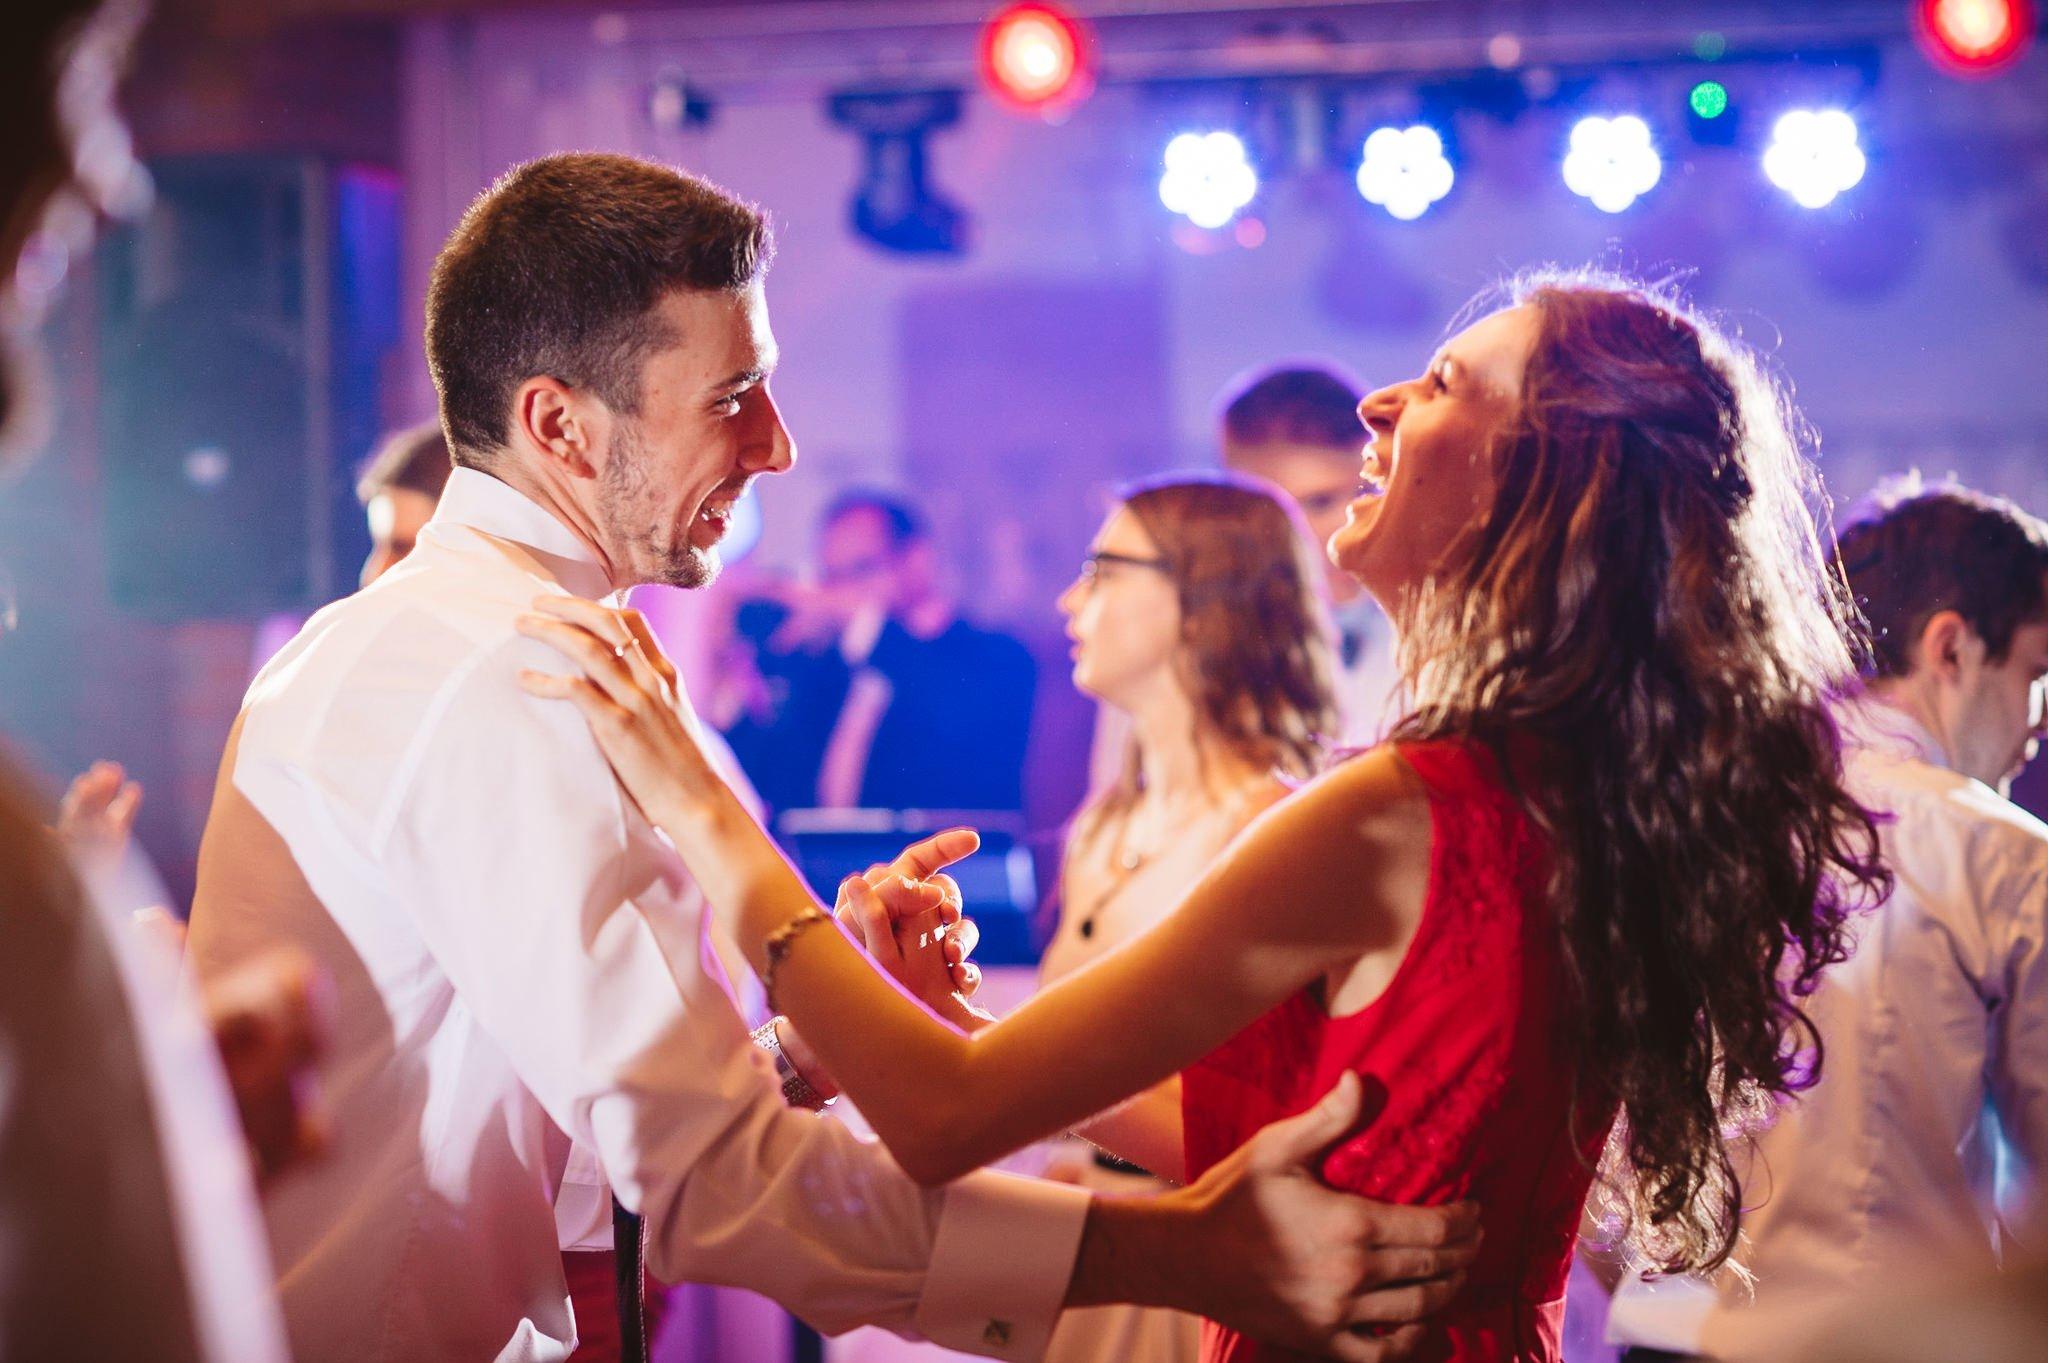 Ala i Arek, czyli jak zorganizować ślub i wesele w 4 tygodnie! 230